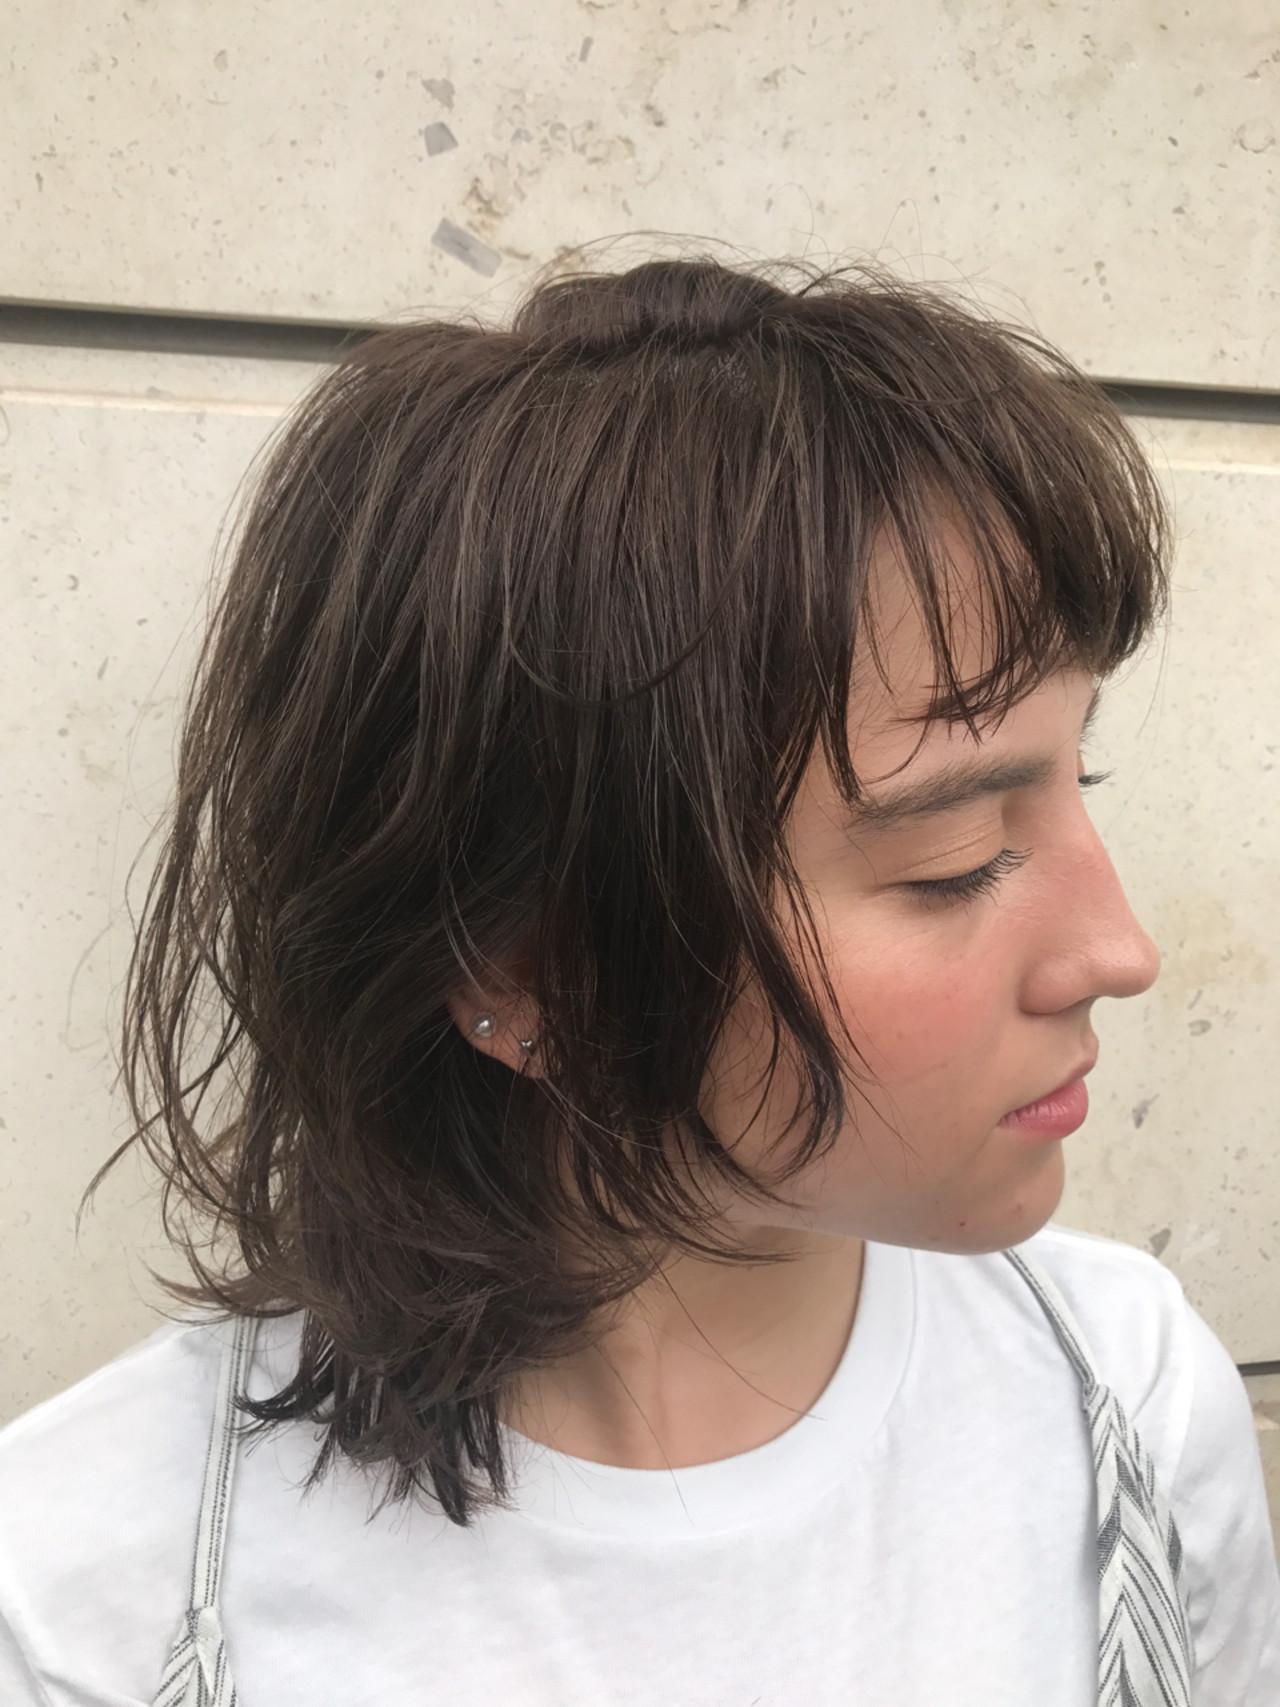 抜け感 リラックス ミディアム 大人かわいい ヘアスタイルや髪型の写真・画像 | 吉田直人 / tricca balcony hayama